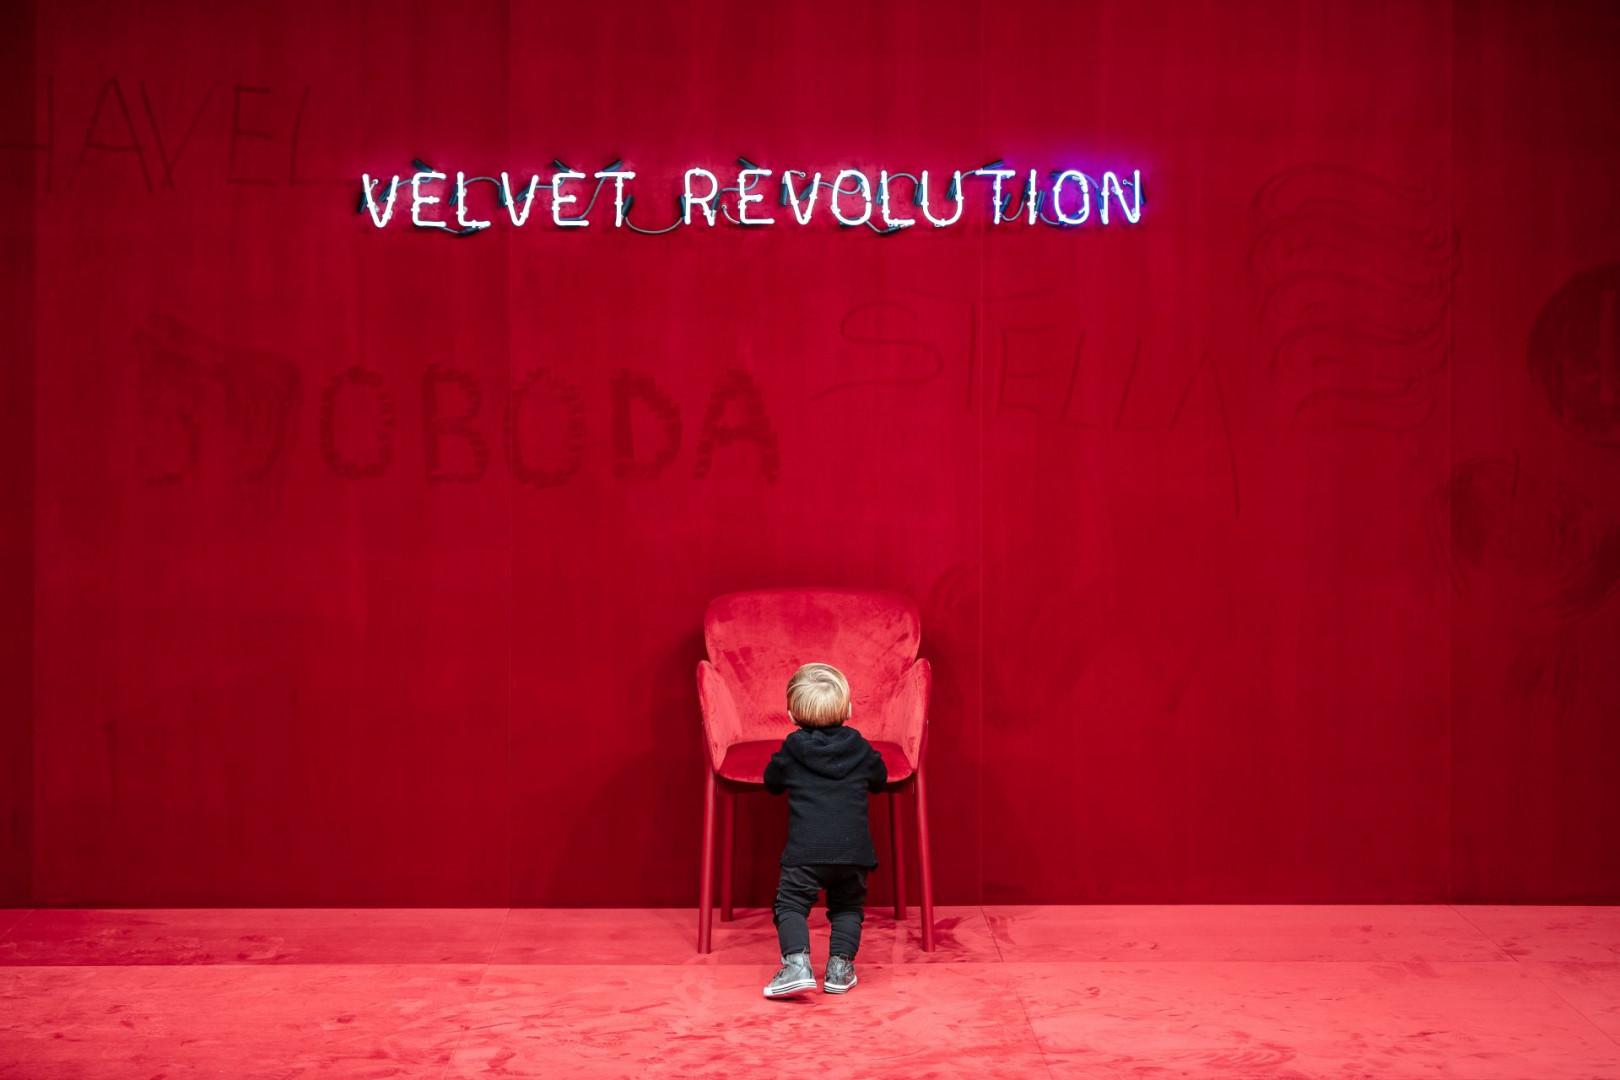 Marka TON przypomina o Aksamitnej Rewolucji w nagrodzonej instalacji. Fot. serwis prasowy TON